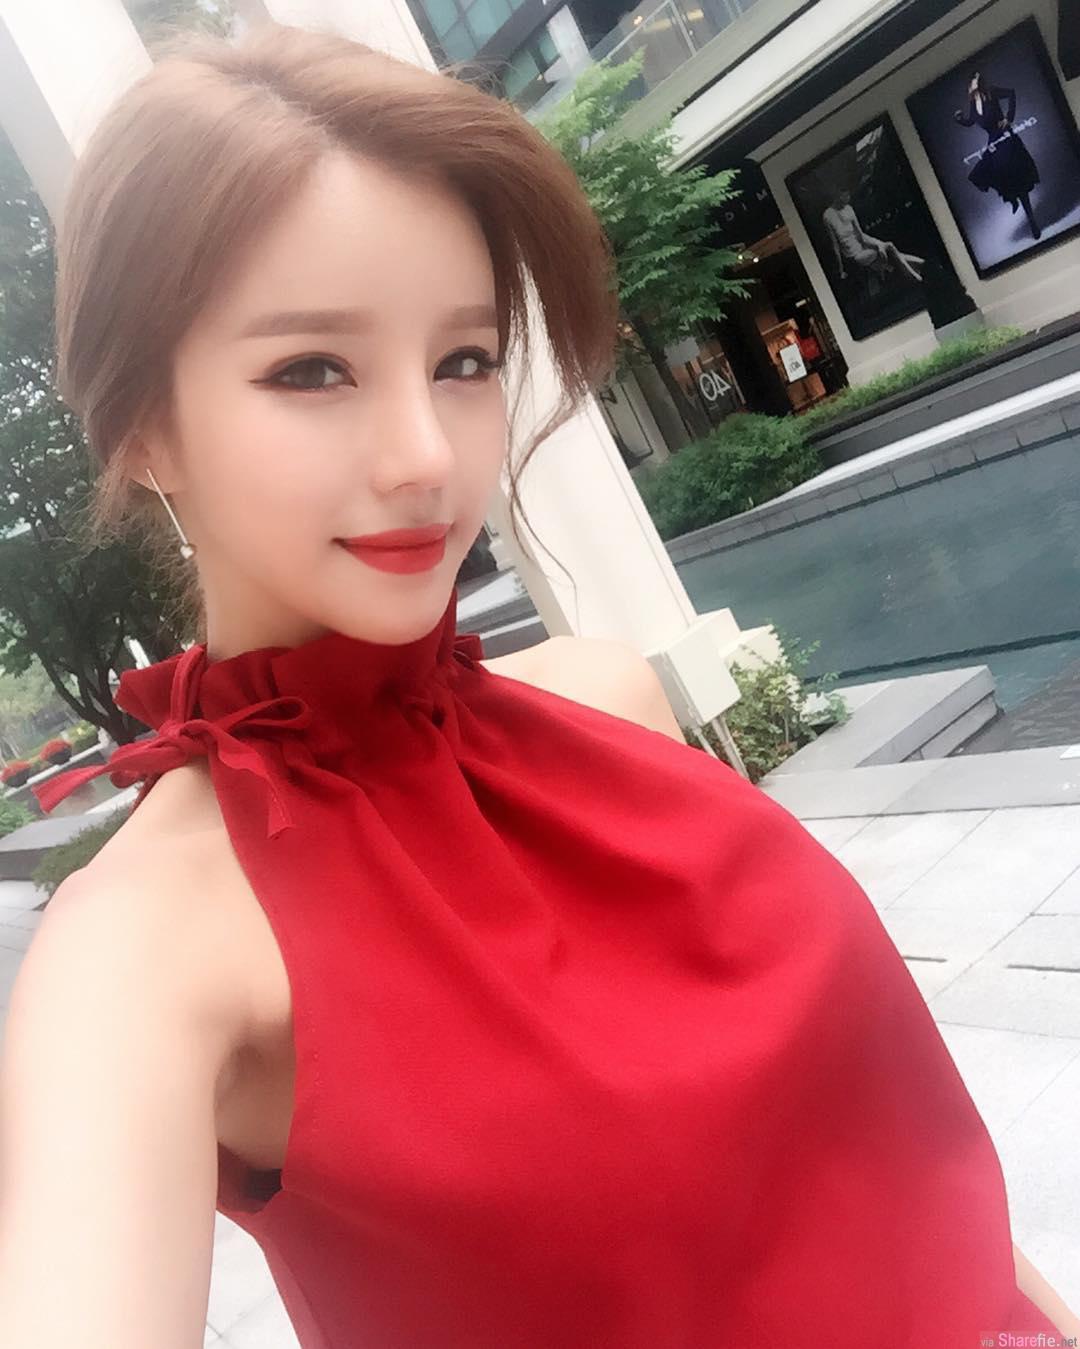 韩国超美模特 Juhee 散发一股迷人仙女气质